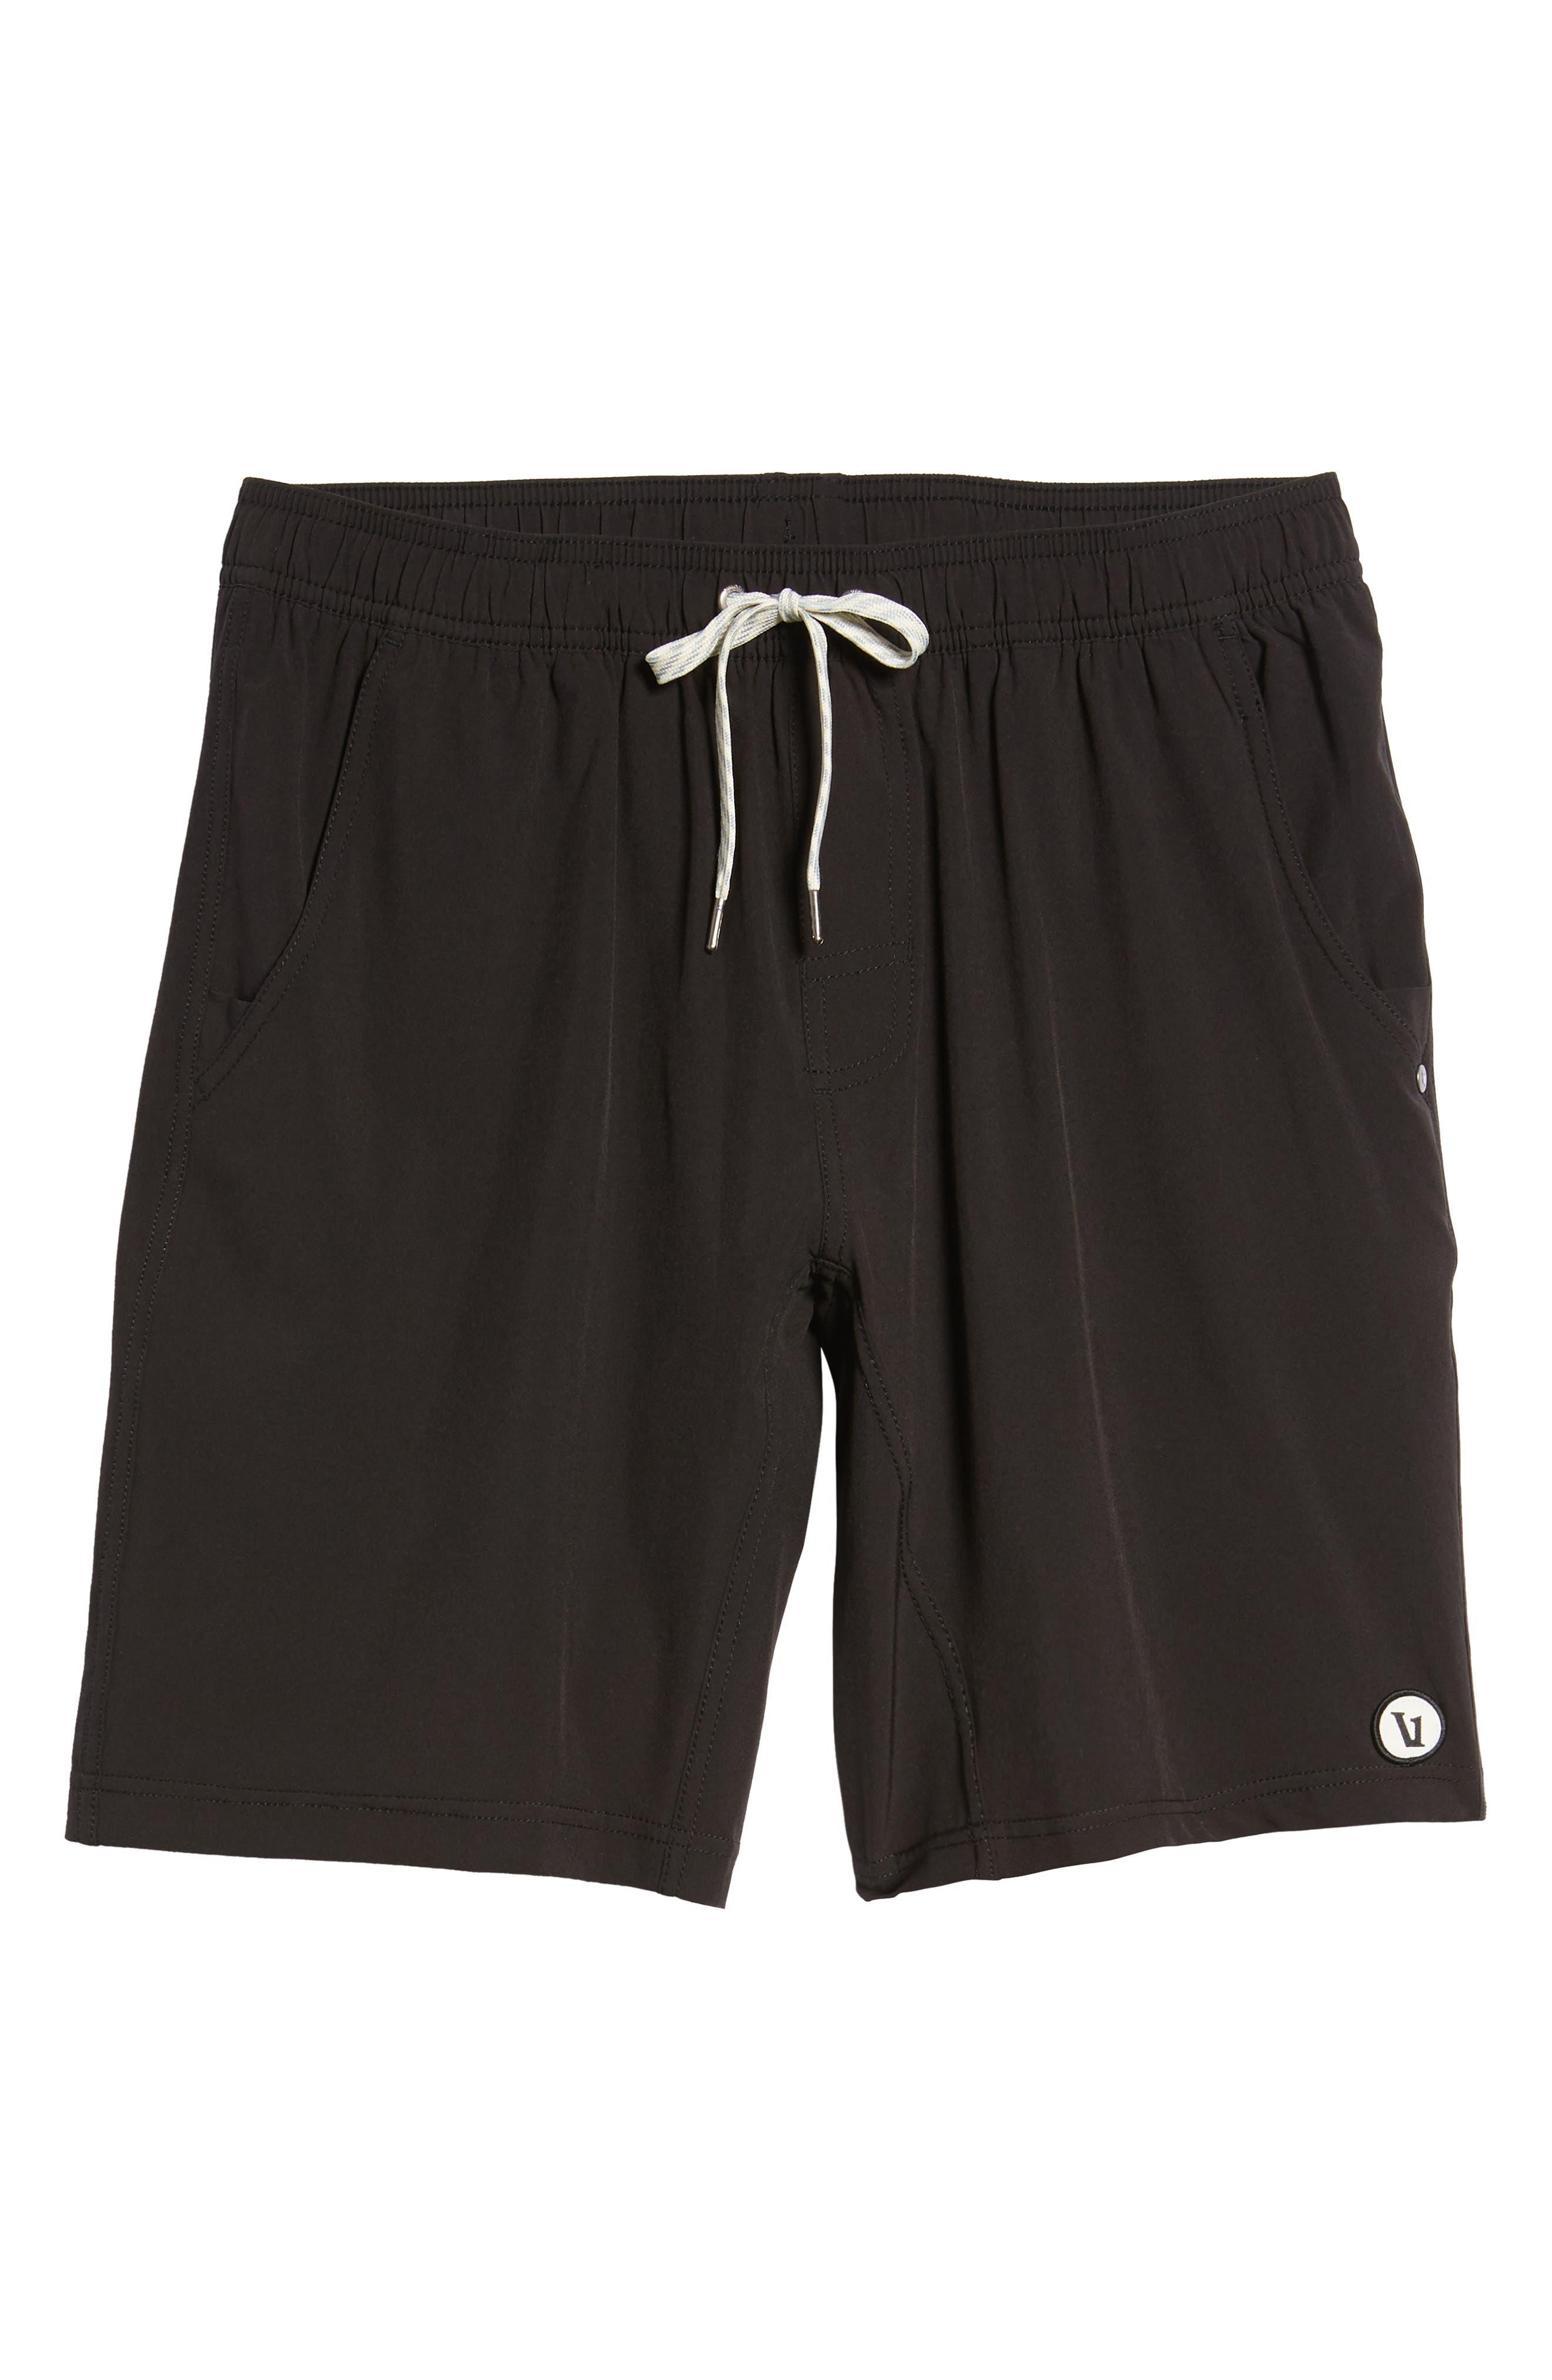 Kore Shorts,                             Alternate thumbnail 6, color,                             BLACK